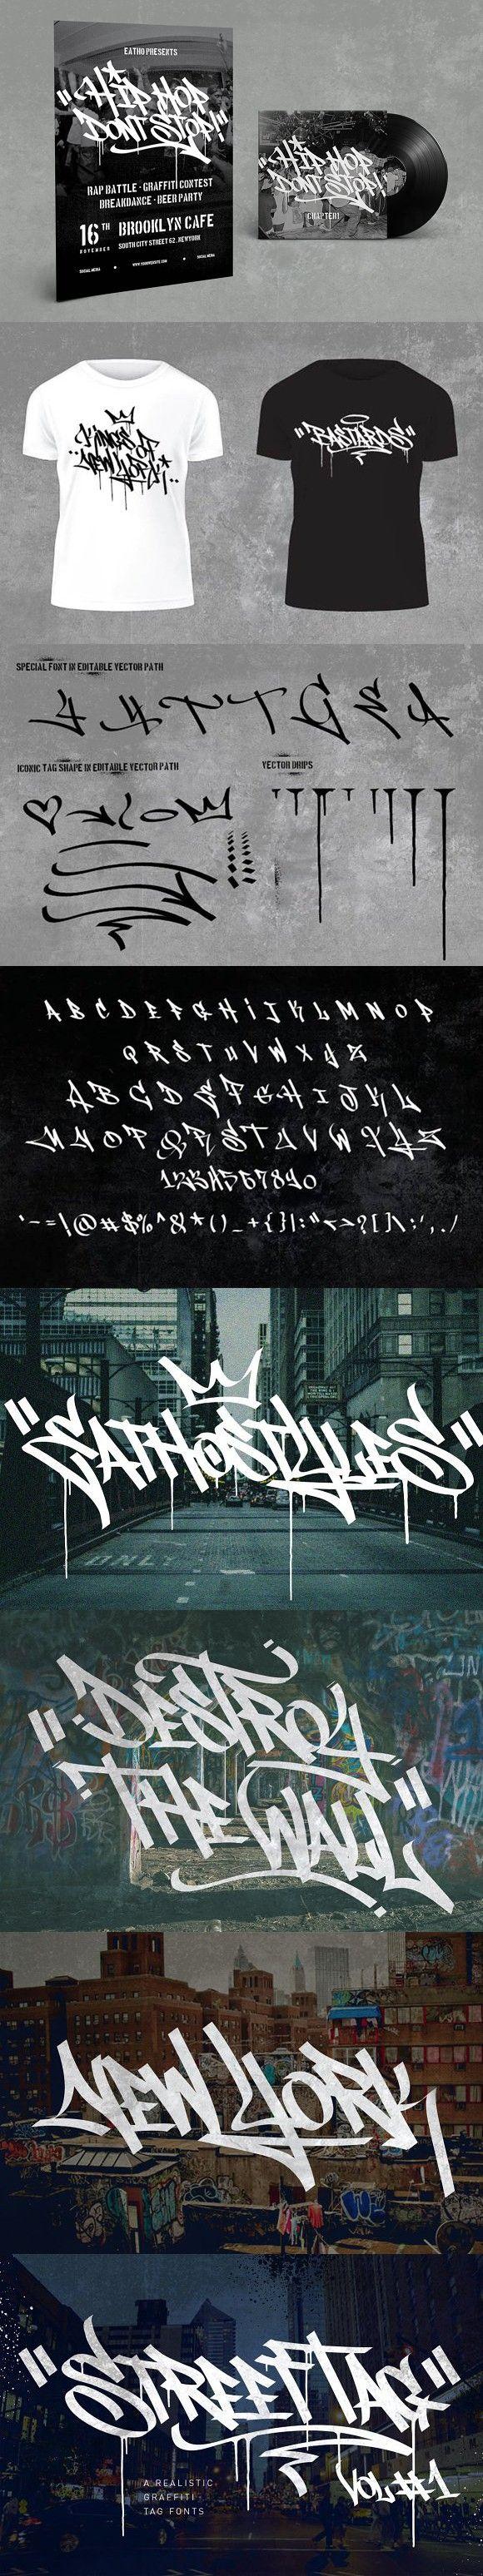 Graffiti font street tag vol1